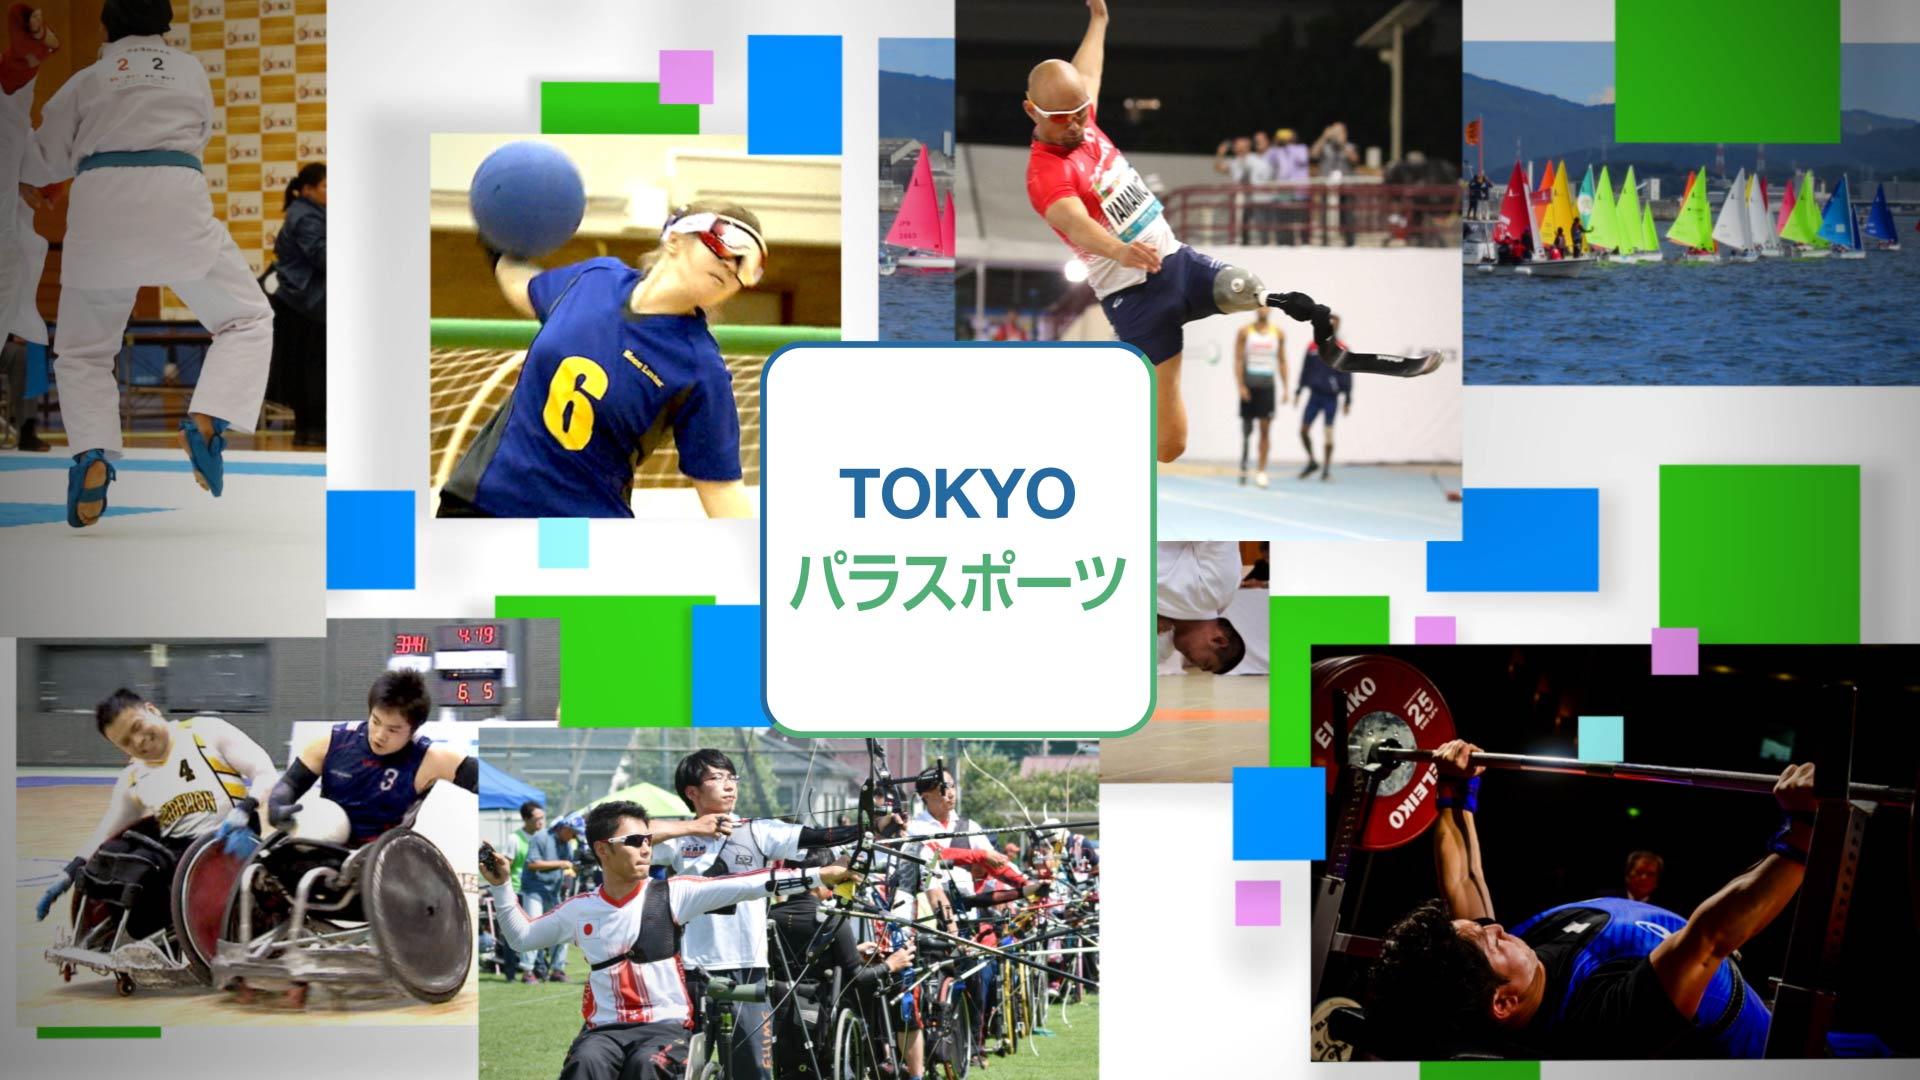 9d52d67e9ccf33771780d8d570ac6ff6 - TOKYOパラスポーツチャンネルで「視覚障害者柔道」のPR動画を配信しています!